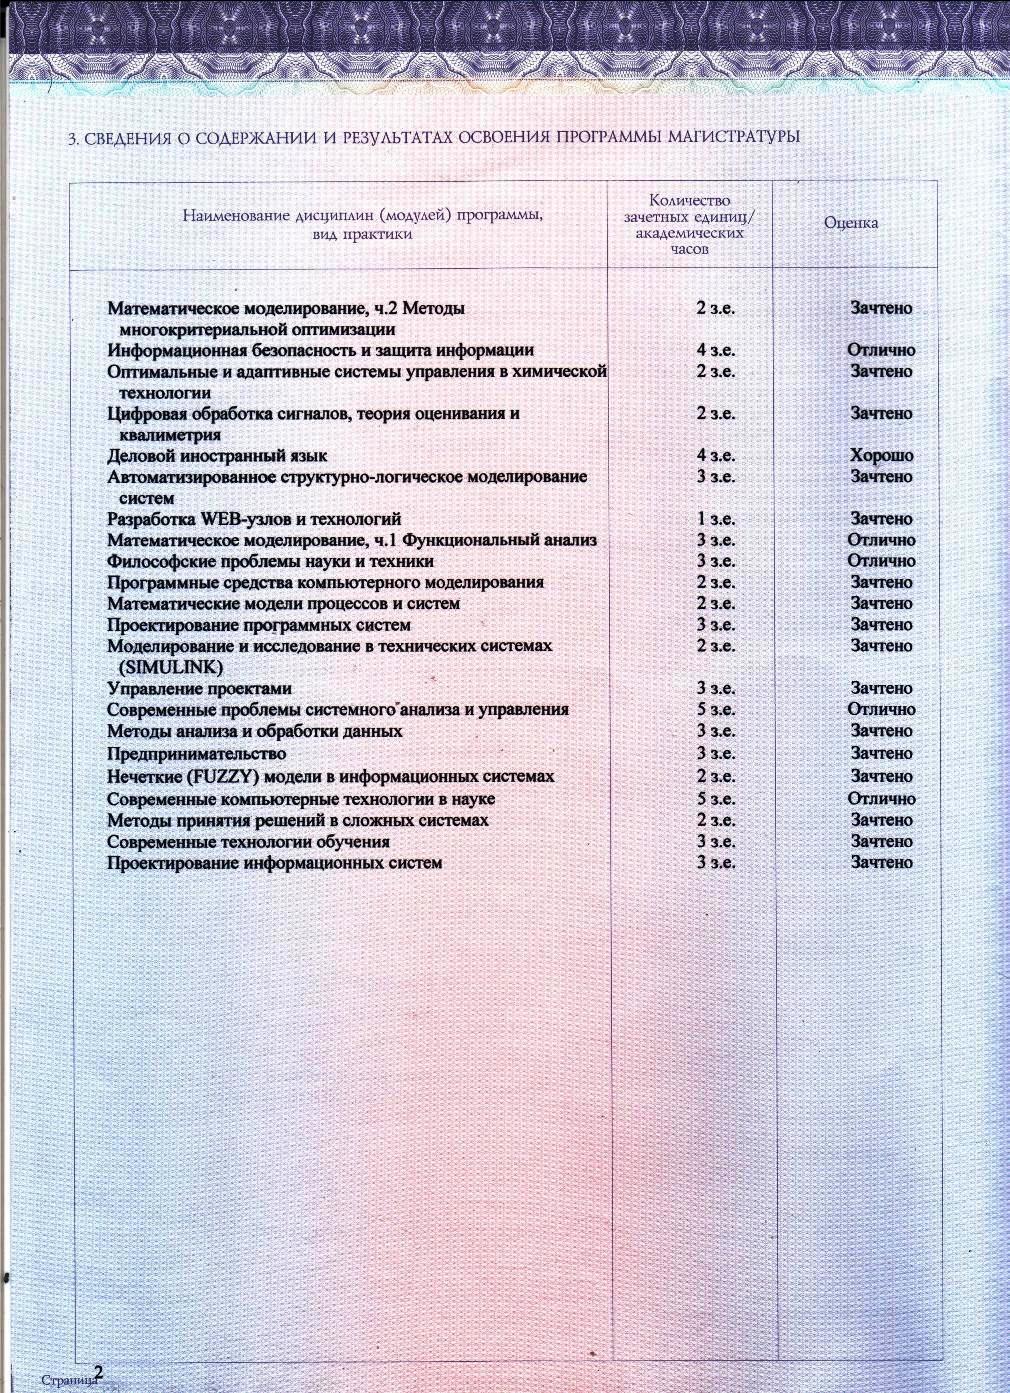 ru Дипломы и сертификаты Приложение к диплому 107824 0113861 Стр 2